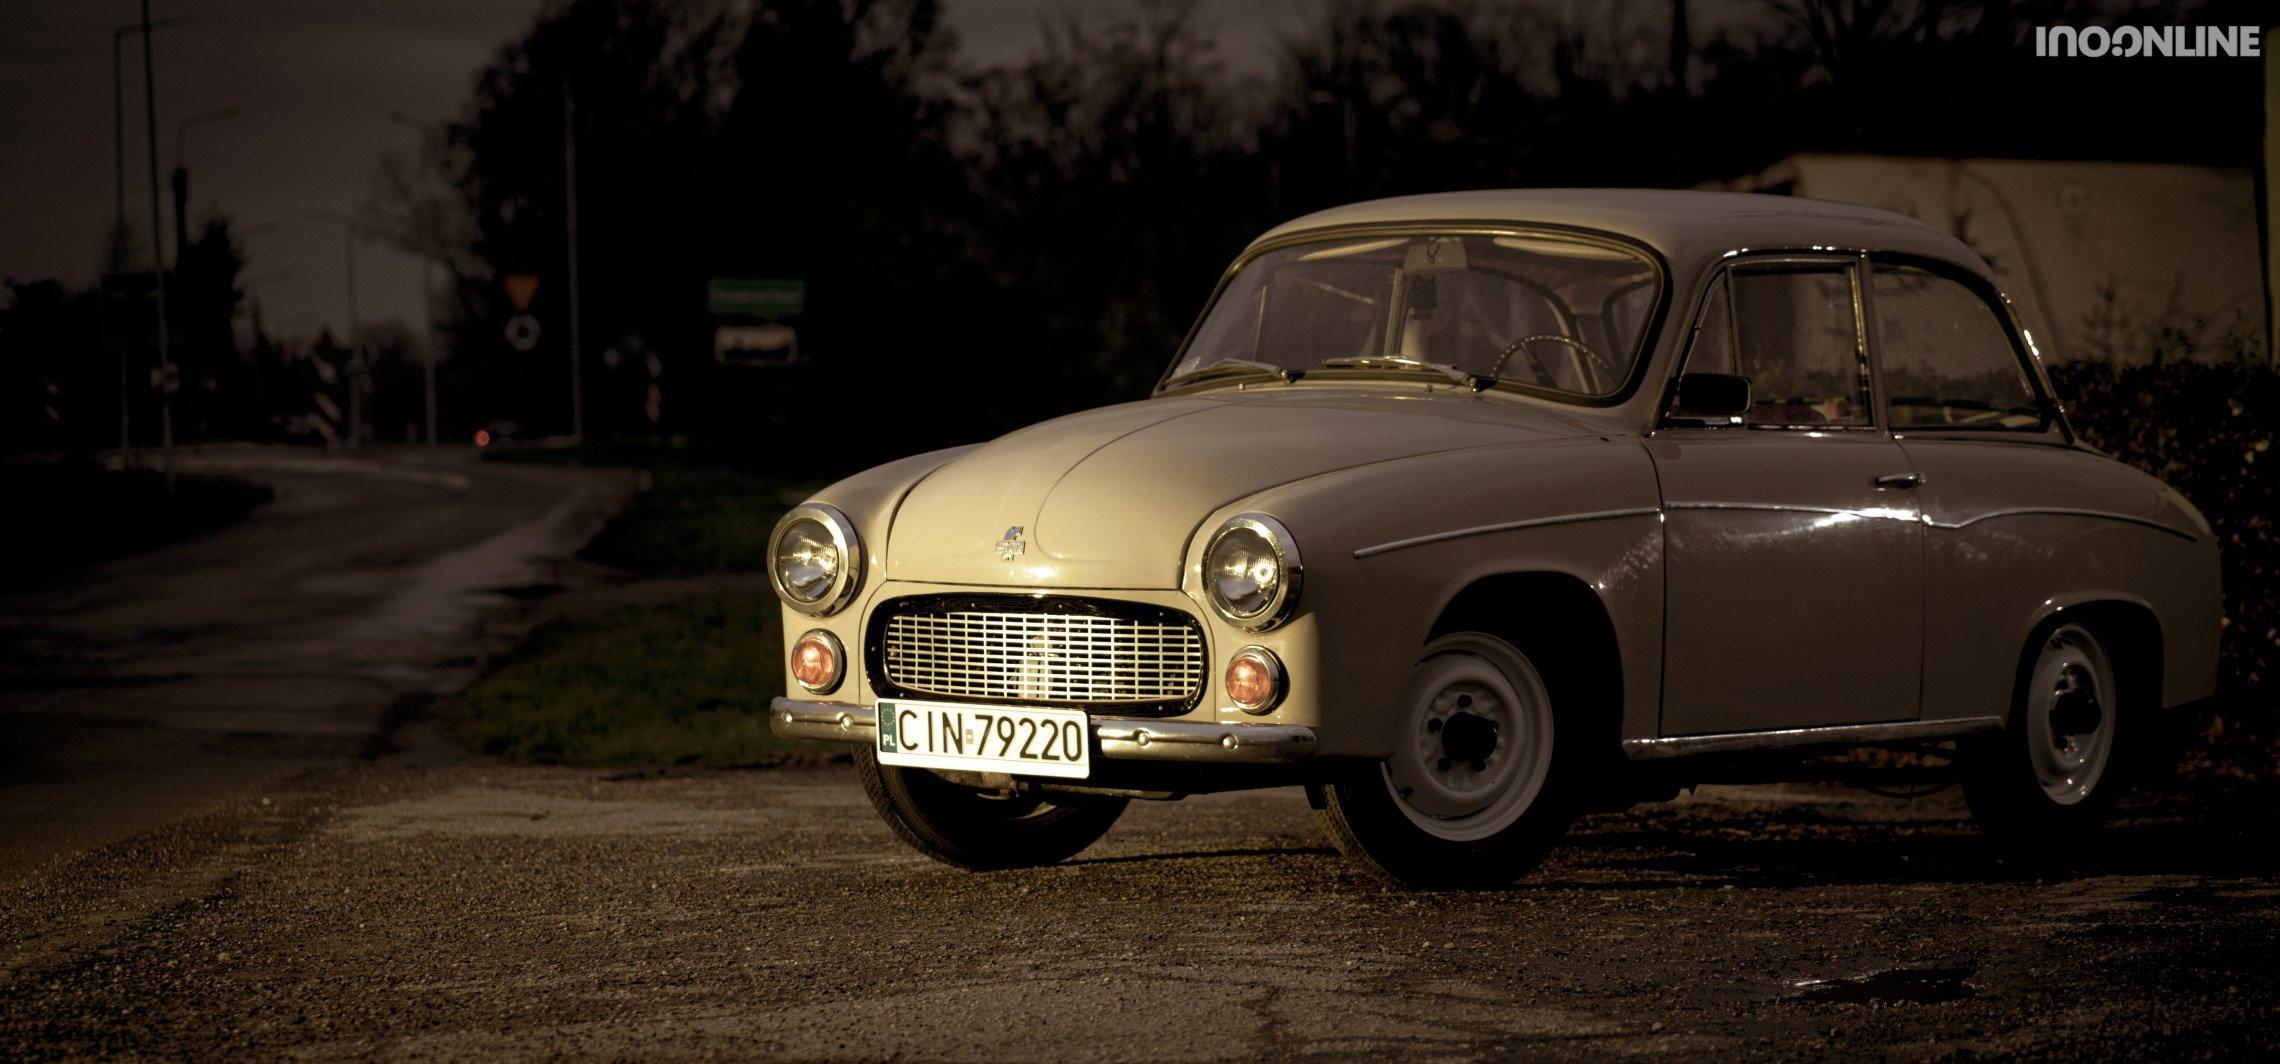 Syrena 105L - tak wyglądał kiedyś luksus